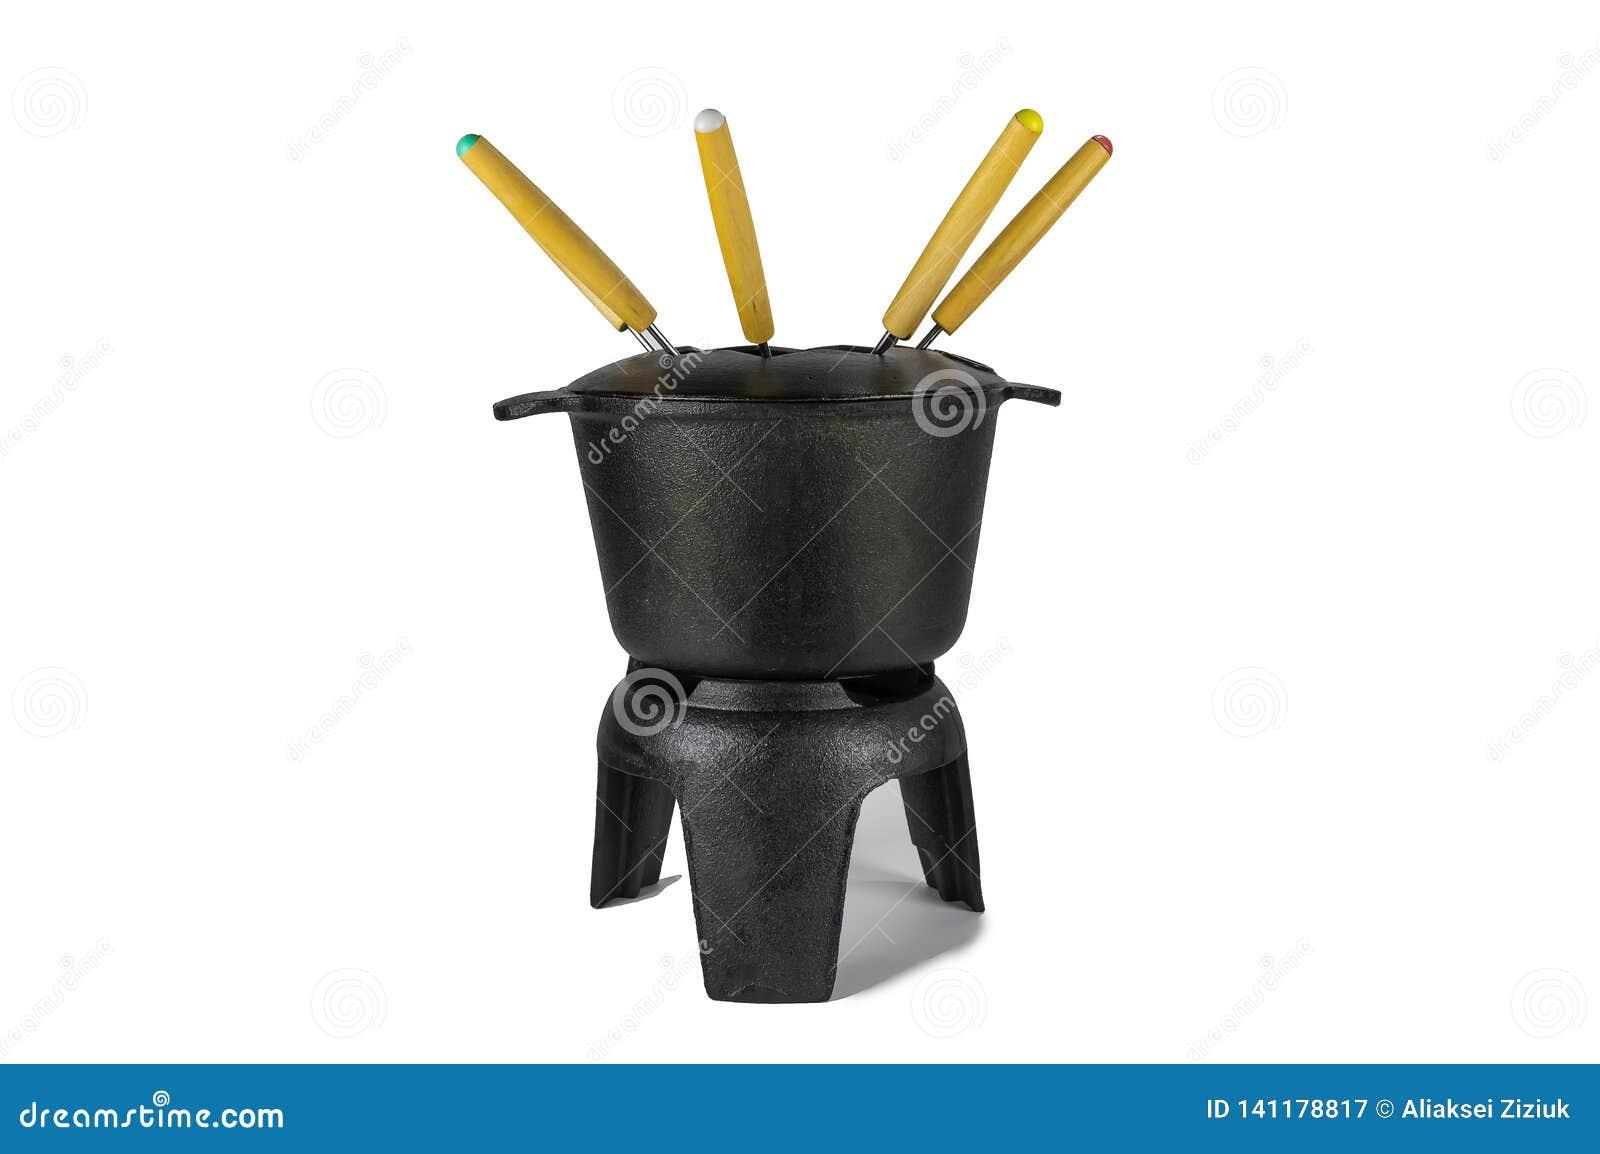 Fonduesvinjärnet som är svart, med mång--färgade gafflar